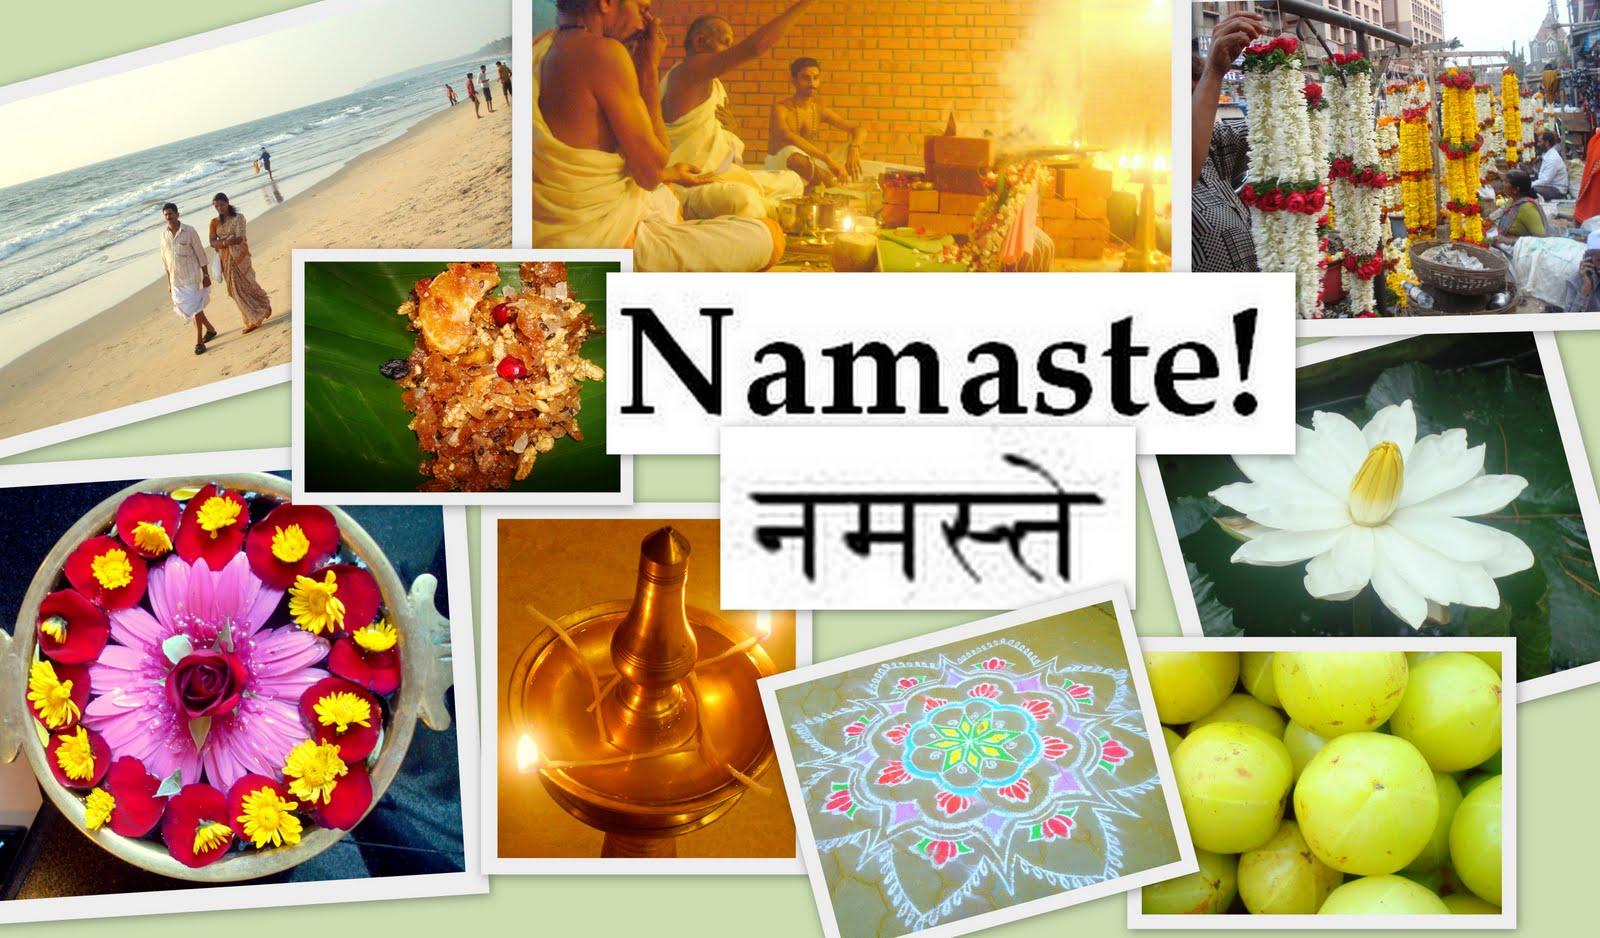 ॐ Namaste!  नमस्त